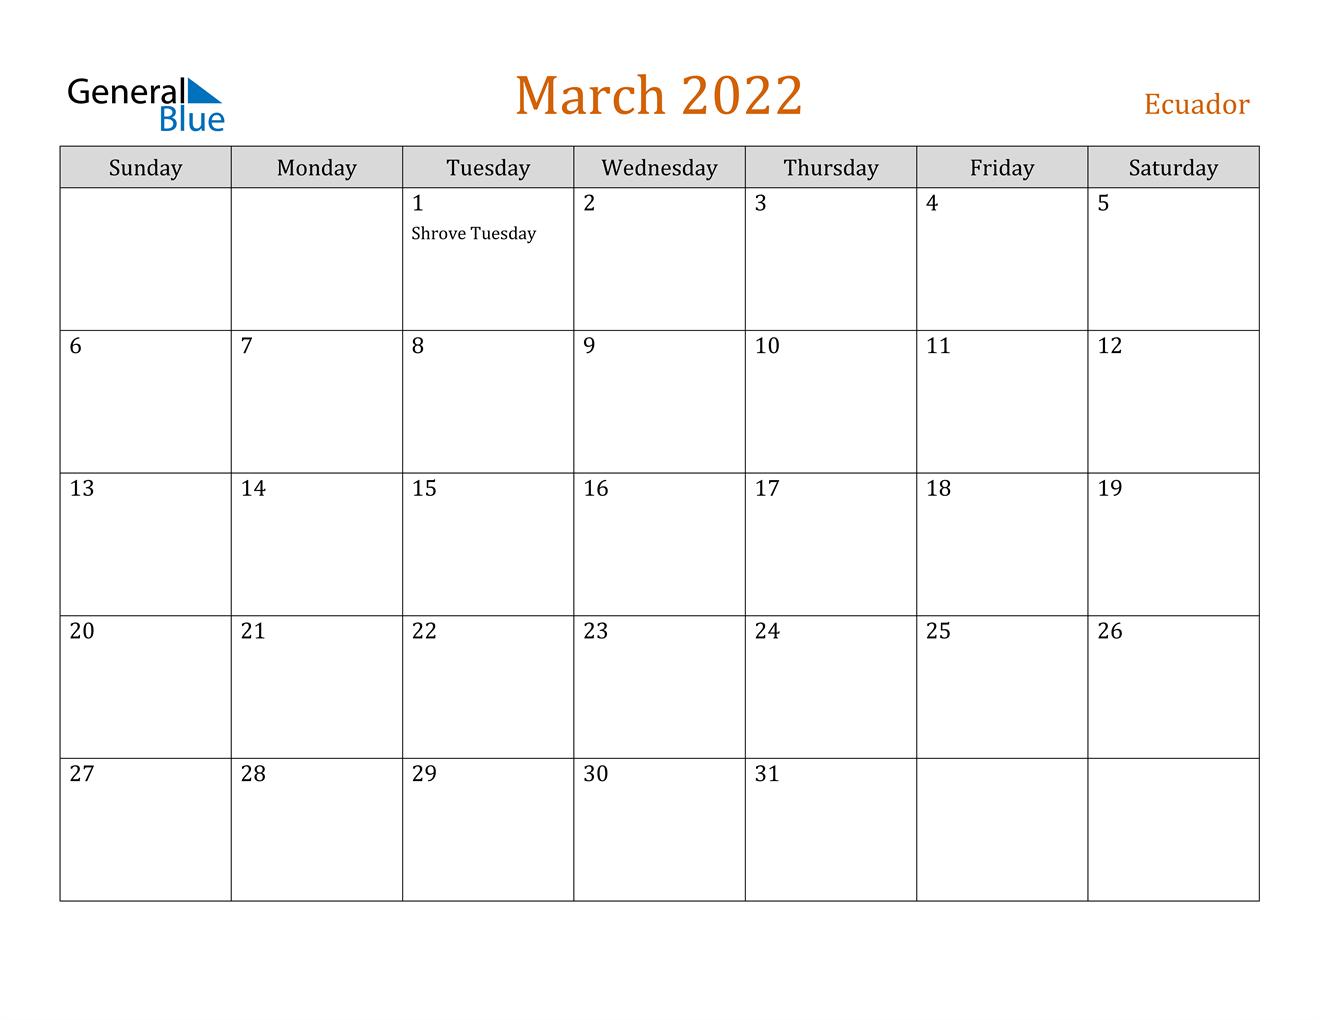 March 2022 Calendar - Ecuador